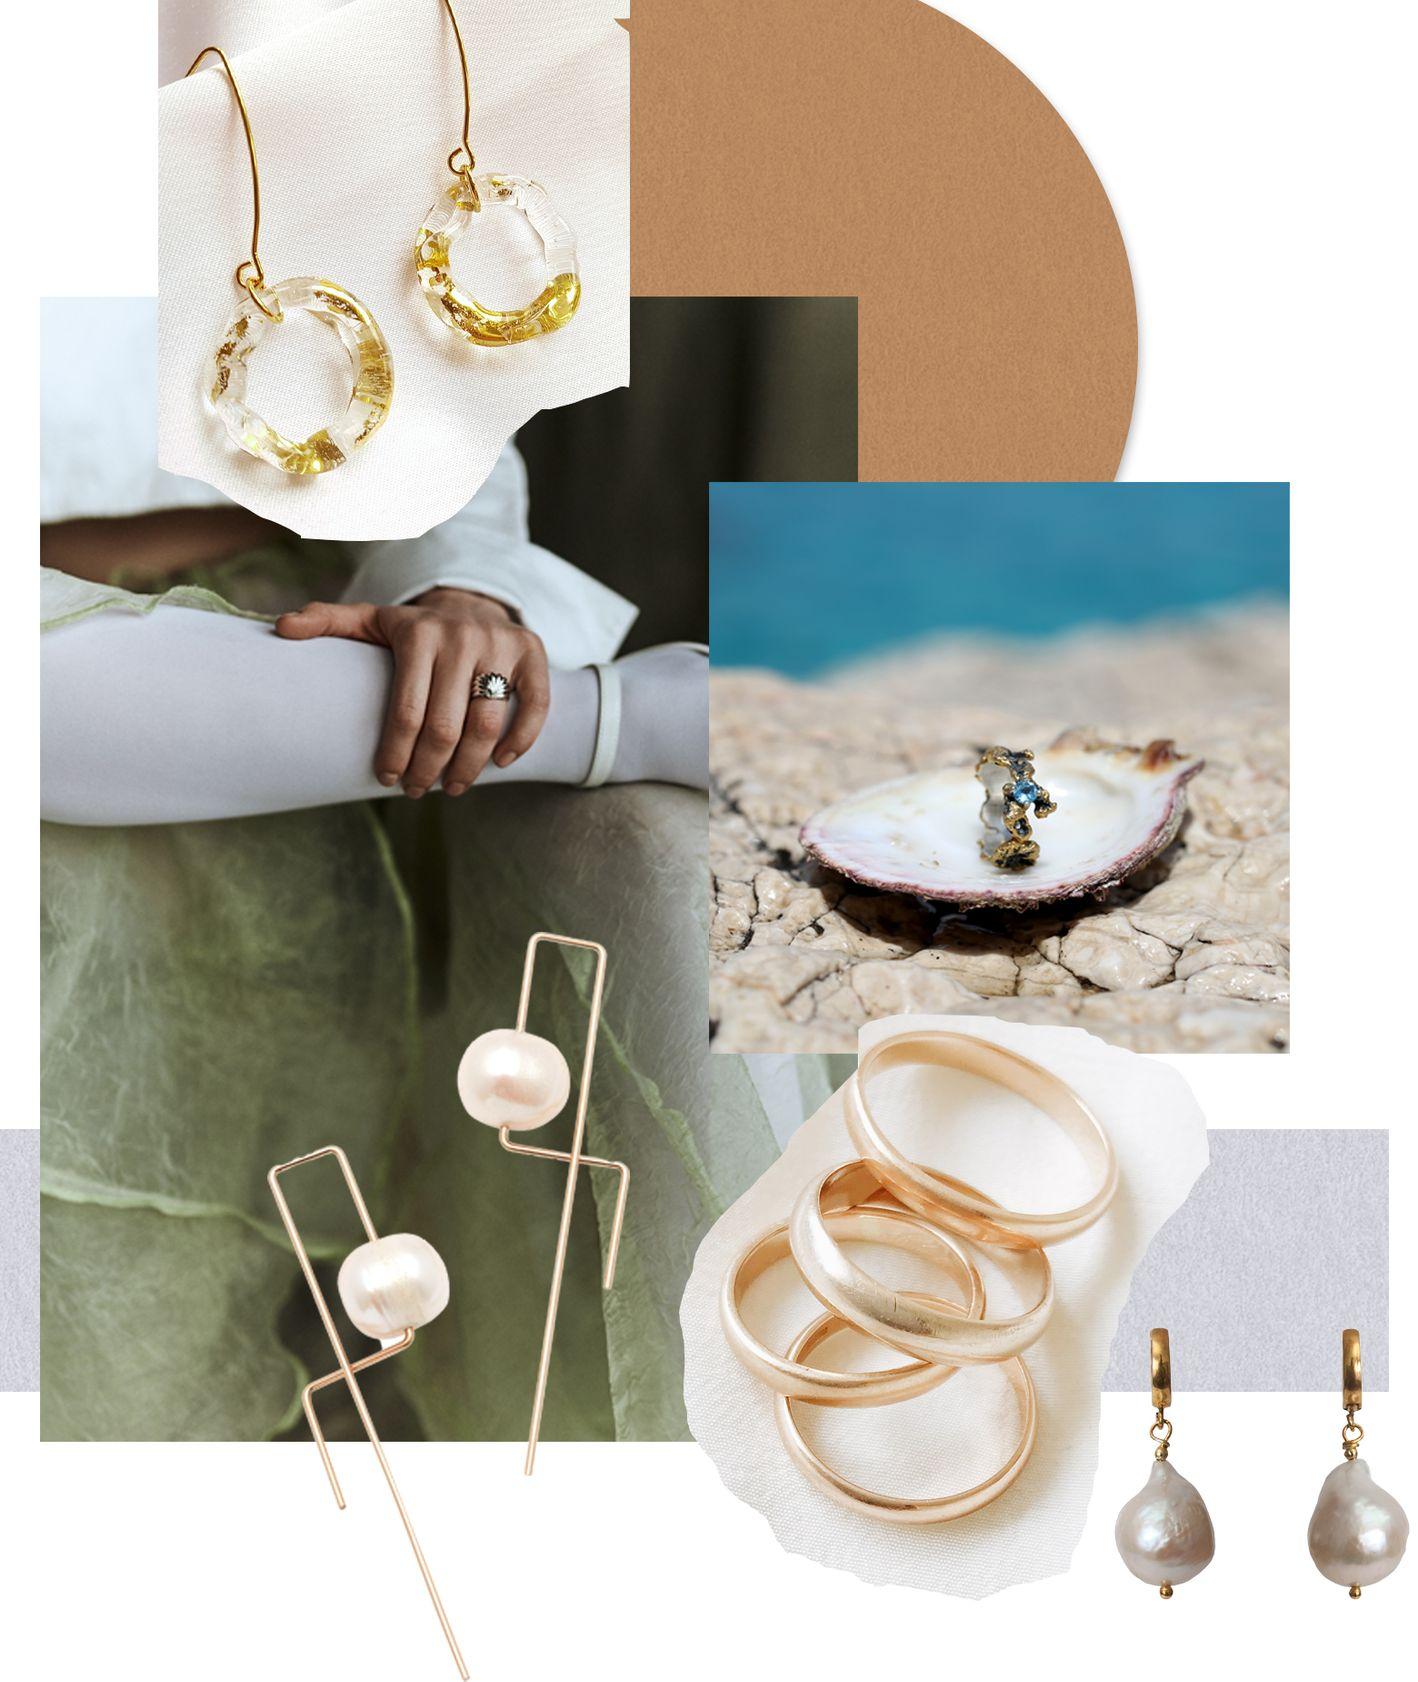 Polecamy najpiękniejsze kolczyki, bransoletki i pierścionki na prezent (fot. materiały prasowe)